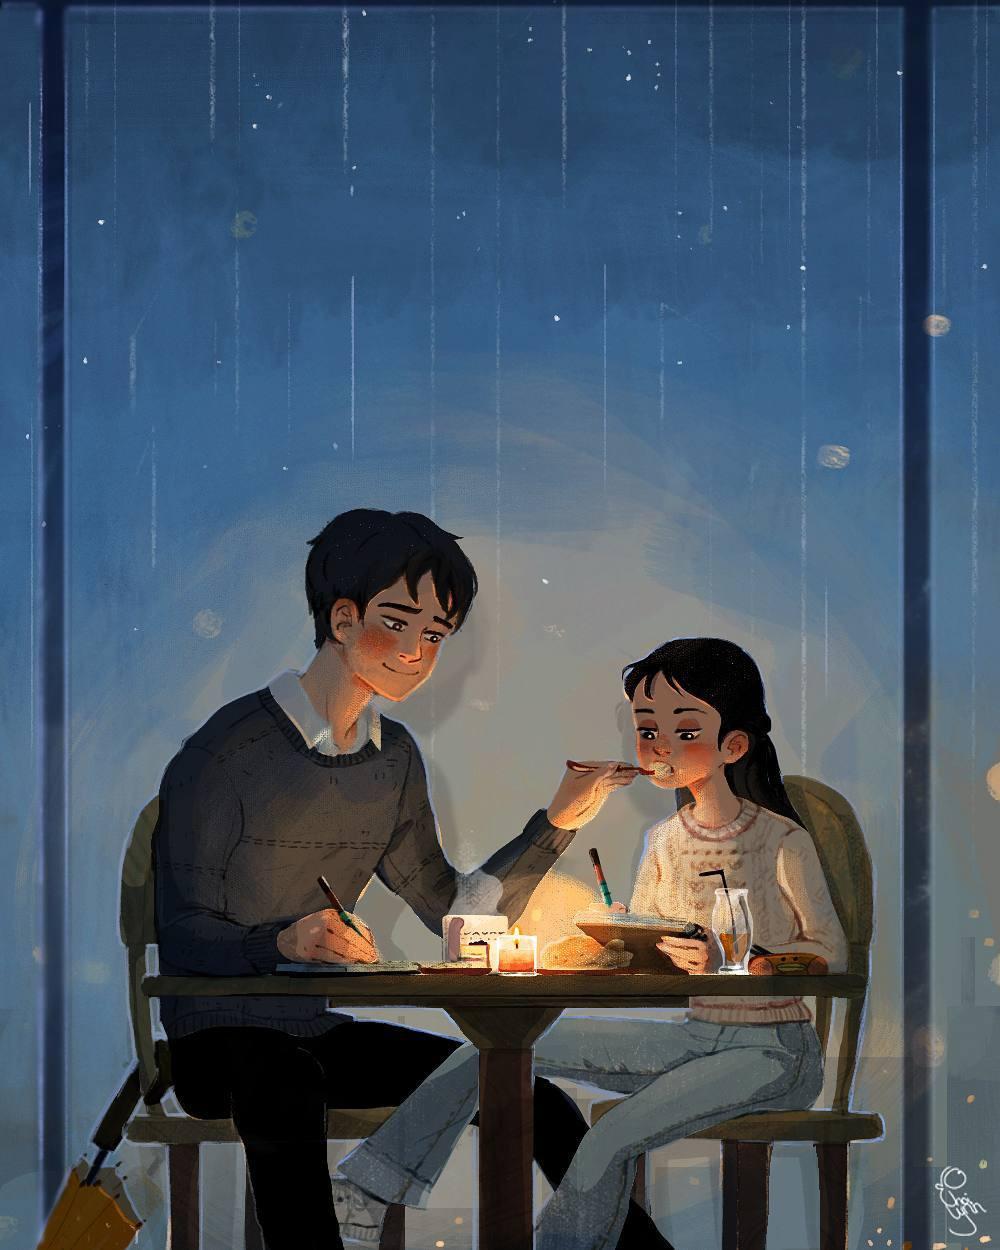 Bộ tranh: Khi tất cả những gì ta ước ao chỉ là một tình yêu bình yên và giản đơn đến thế - Ảnh 9.